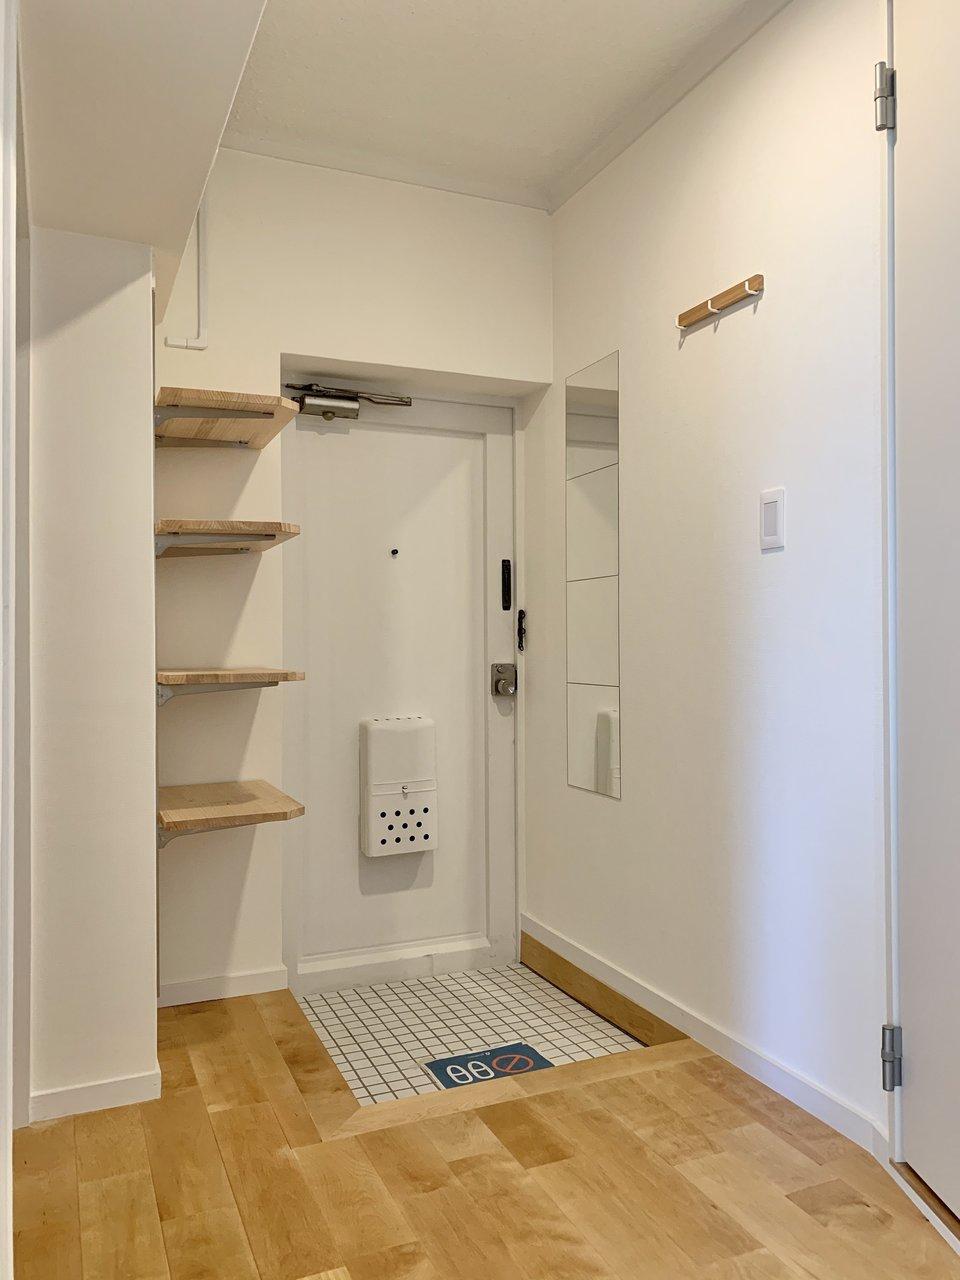 玄関周りもゆったりとスペースがとられています。壁面の収納スペースやフックをうまく使って、整理整頓しましょう。